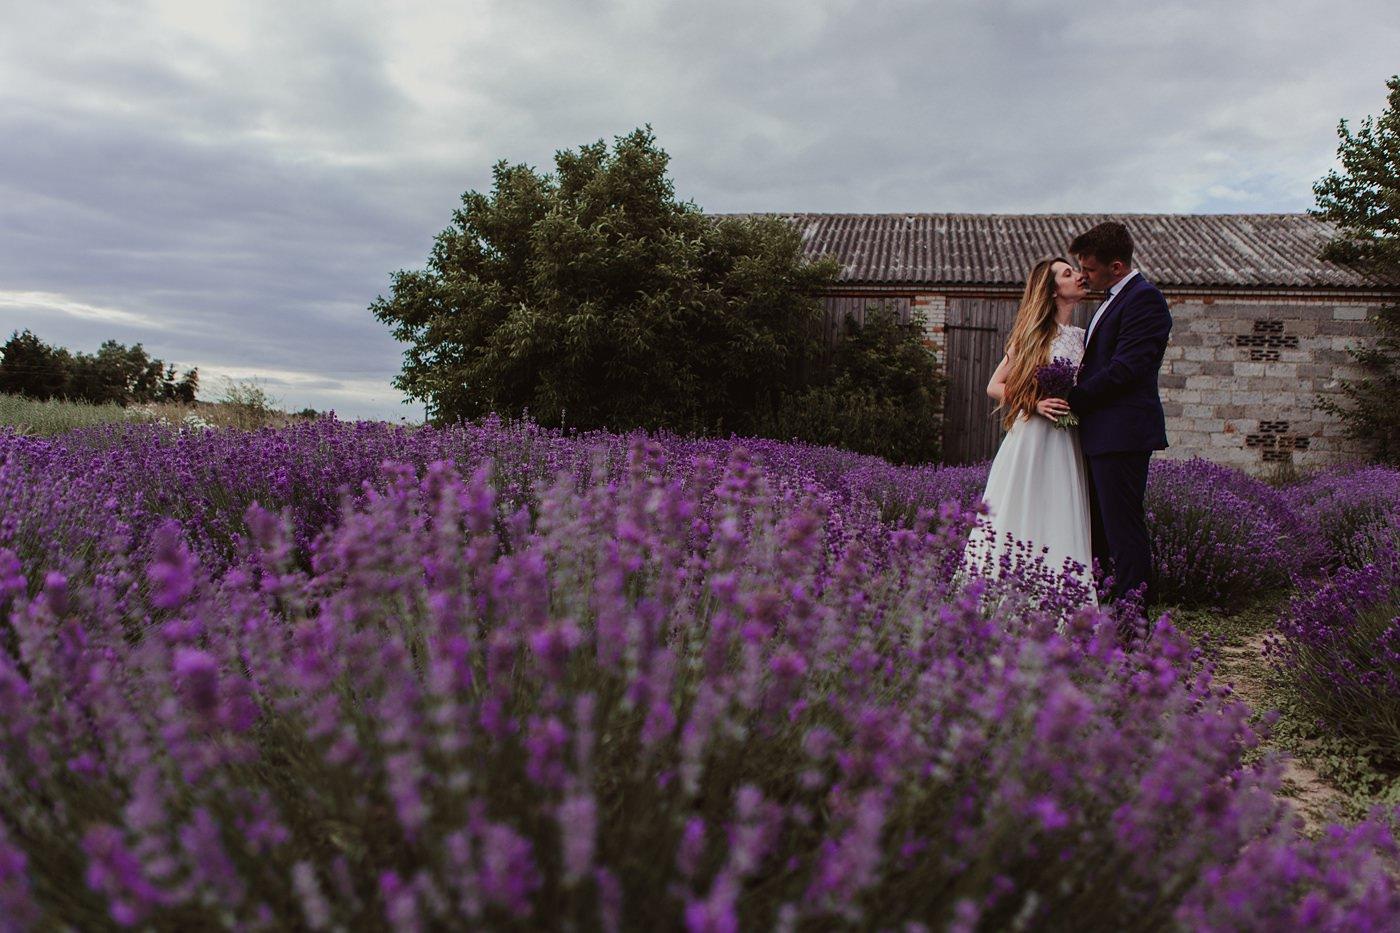 Anna i Marcin - Sesja Ślubna na Polu Lawendy 39